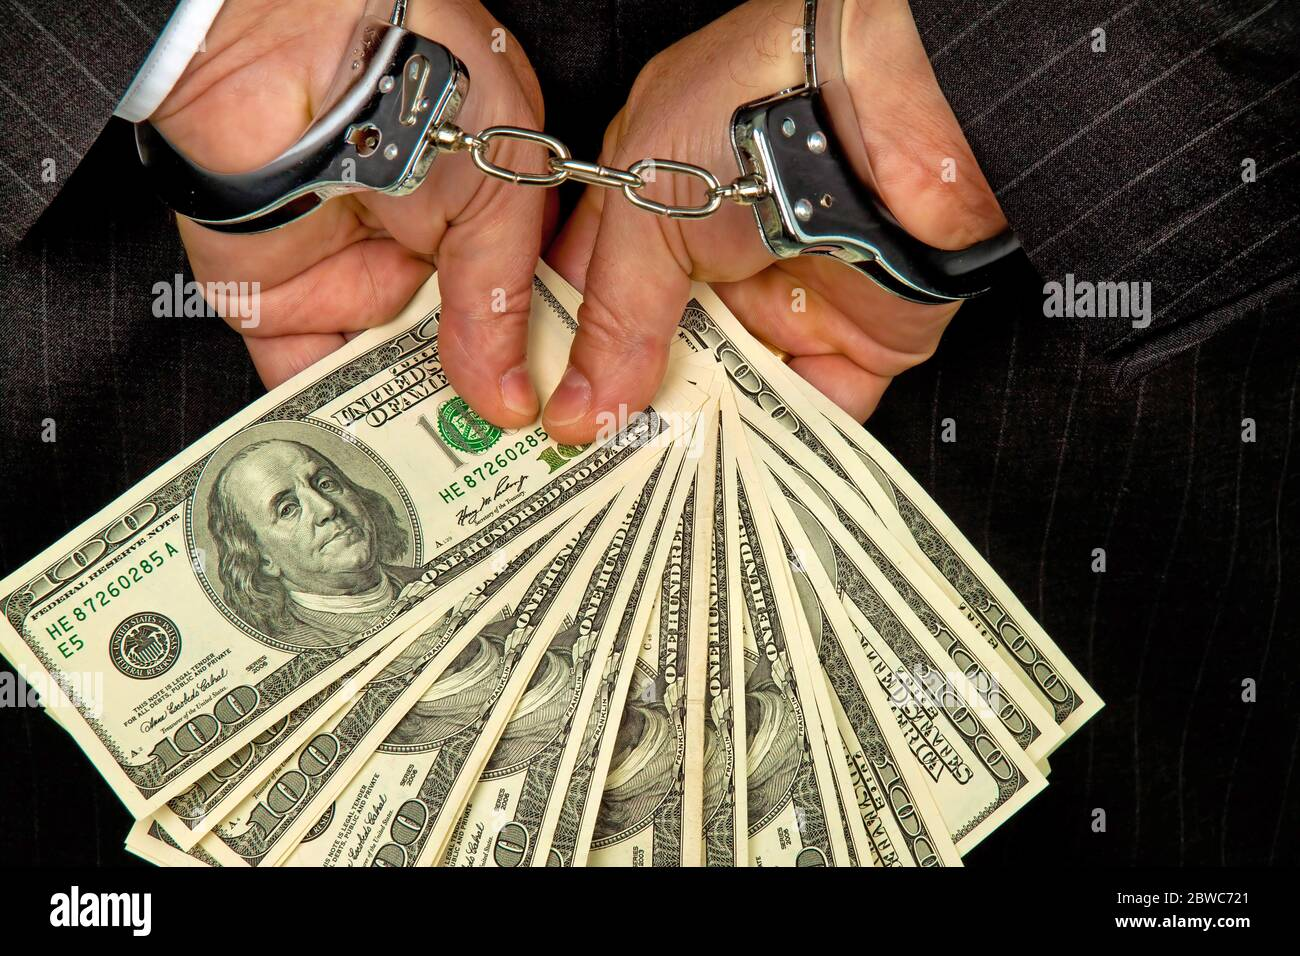 Manager mit Dollar Geldscheinen in der Hand, Hanschellen, verhaftet, Schwarzgeld, Foto Stock